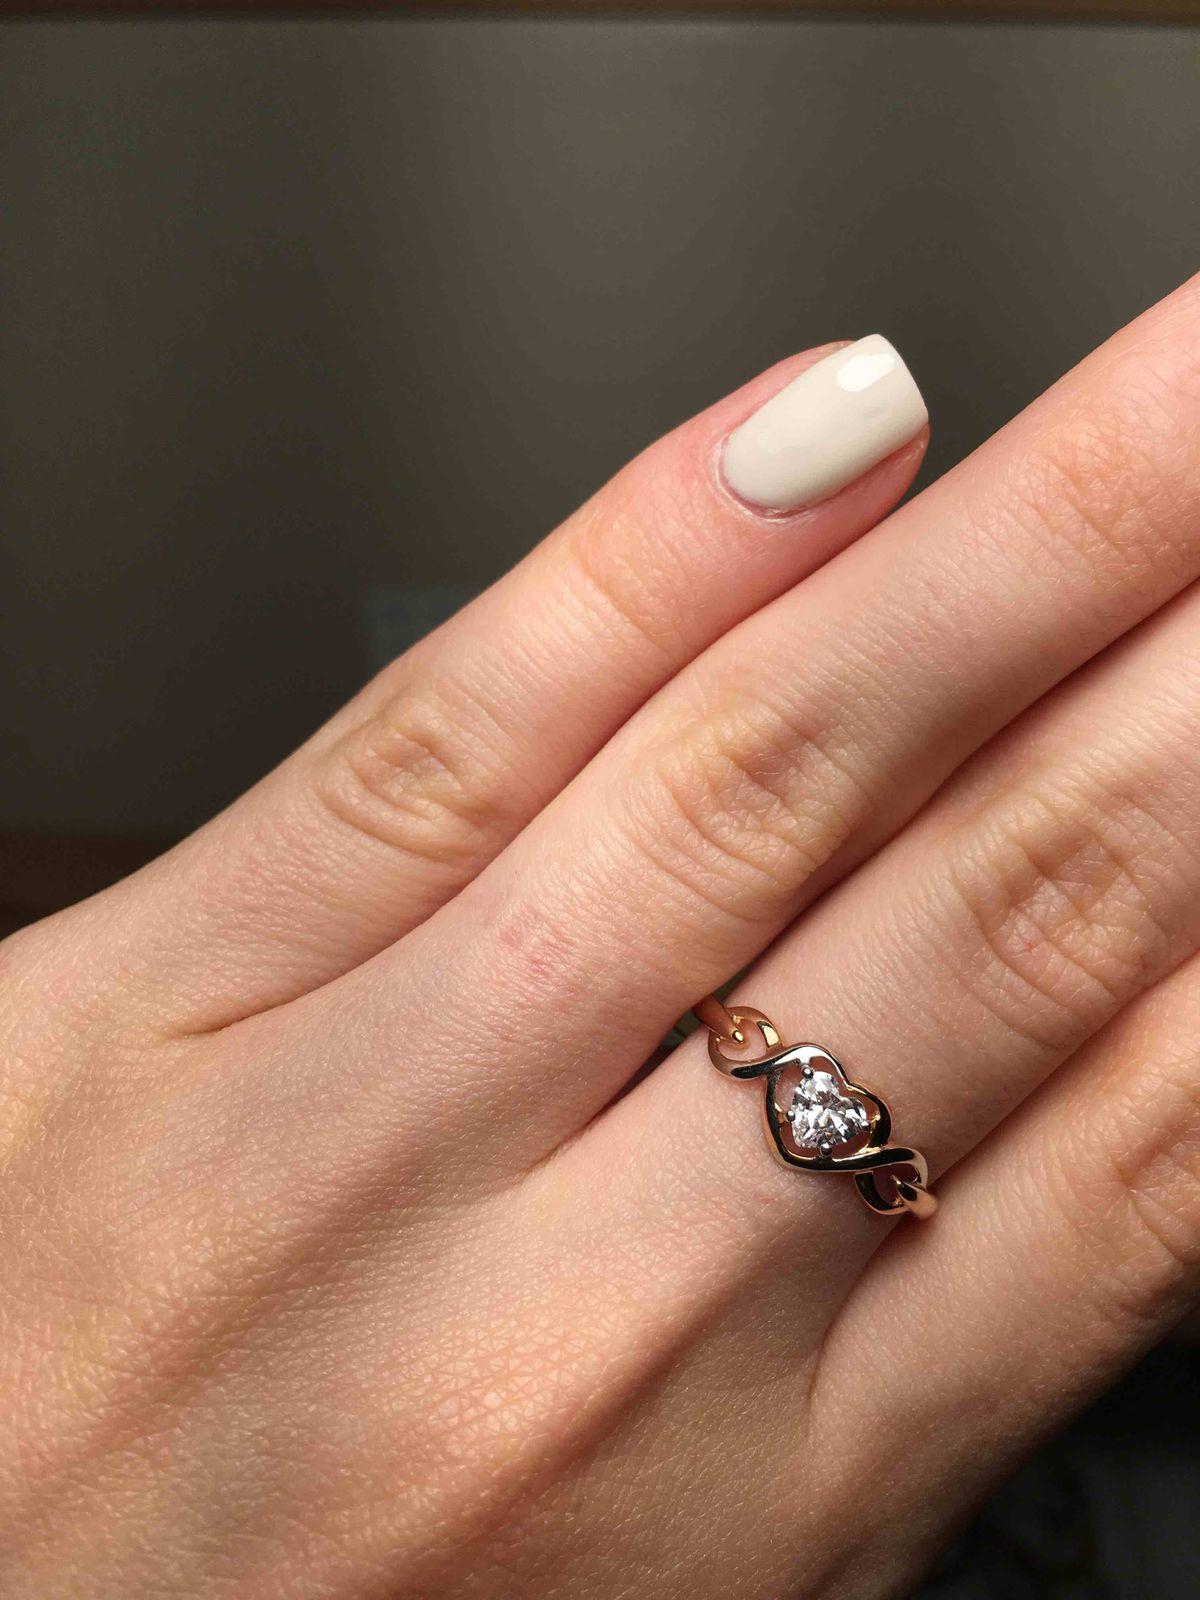 Милейшее кольцо в подарок.